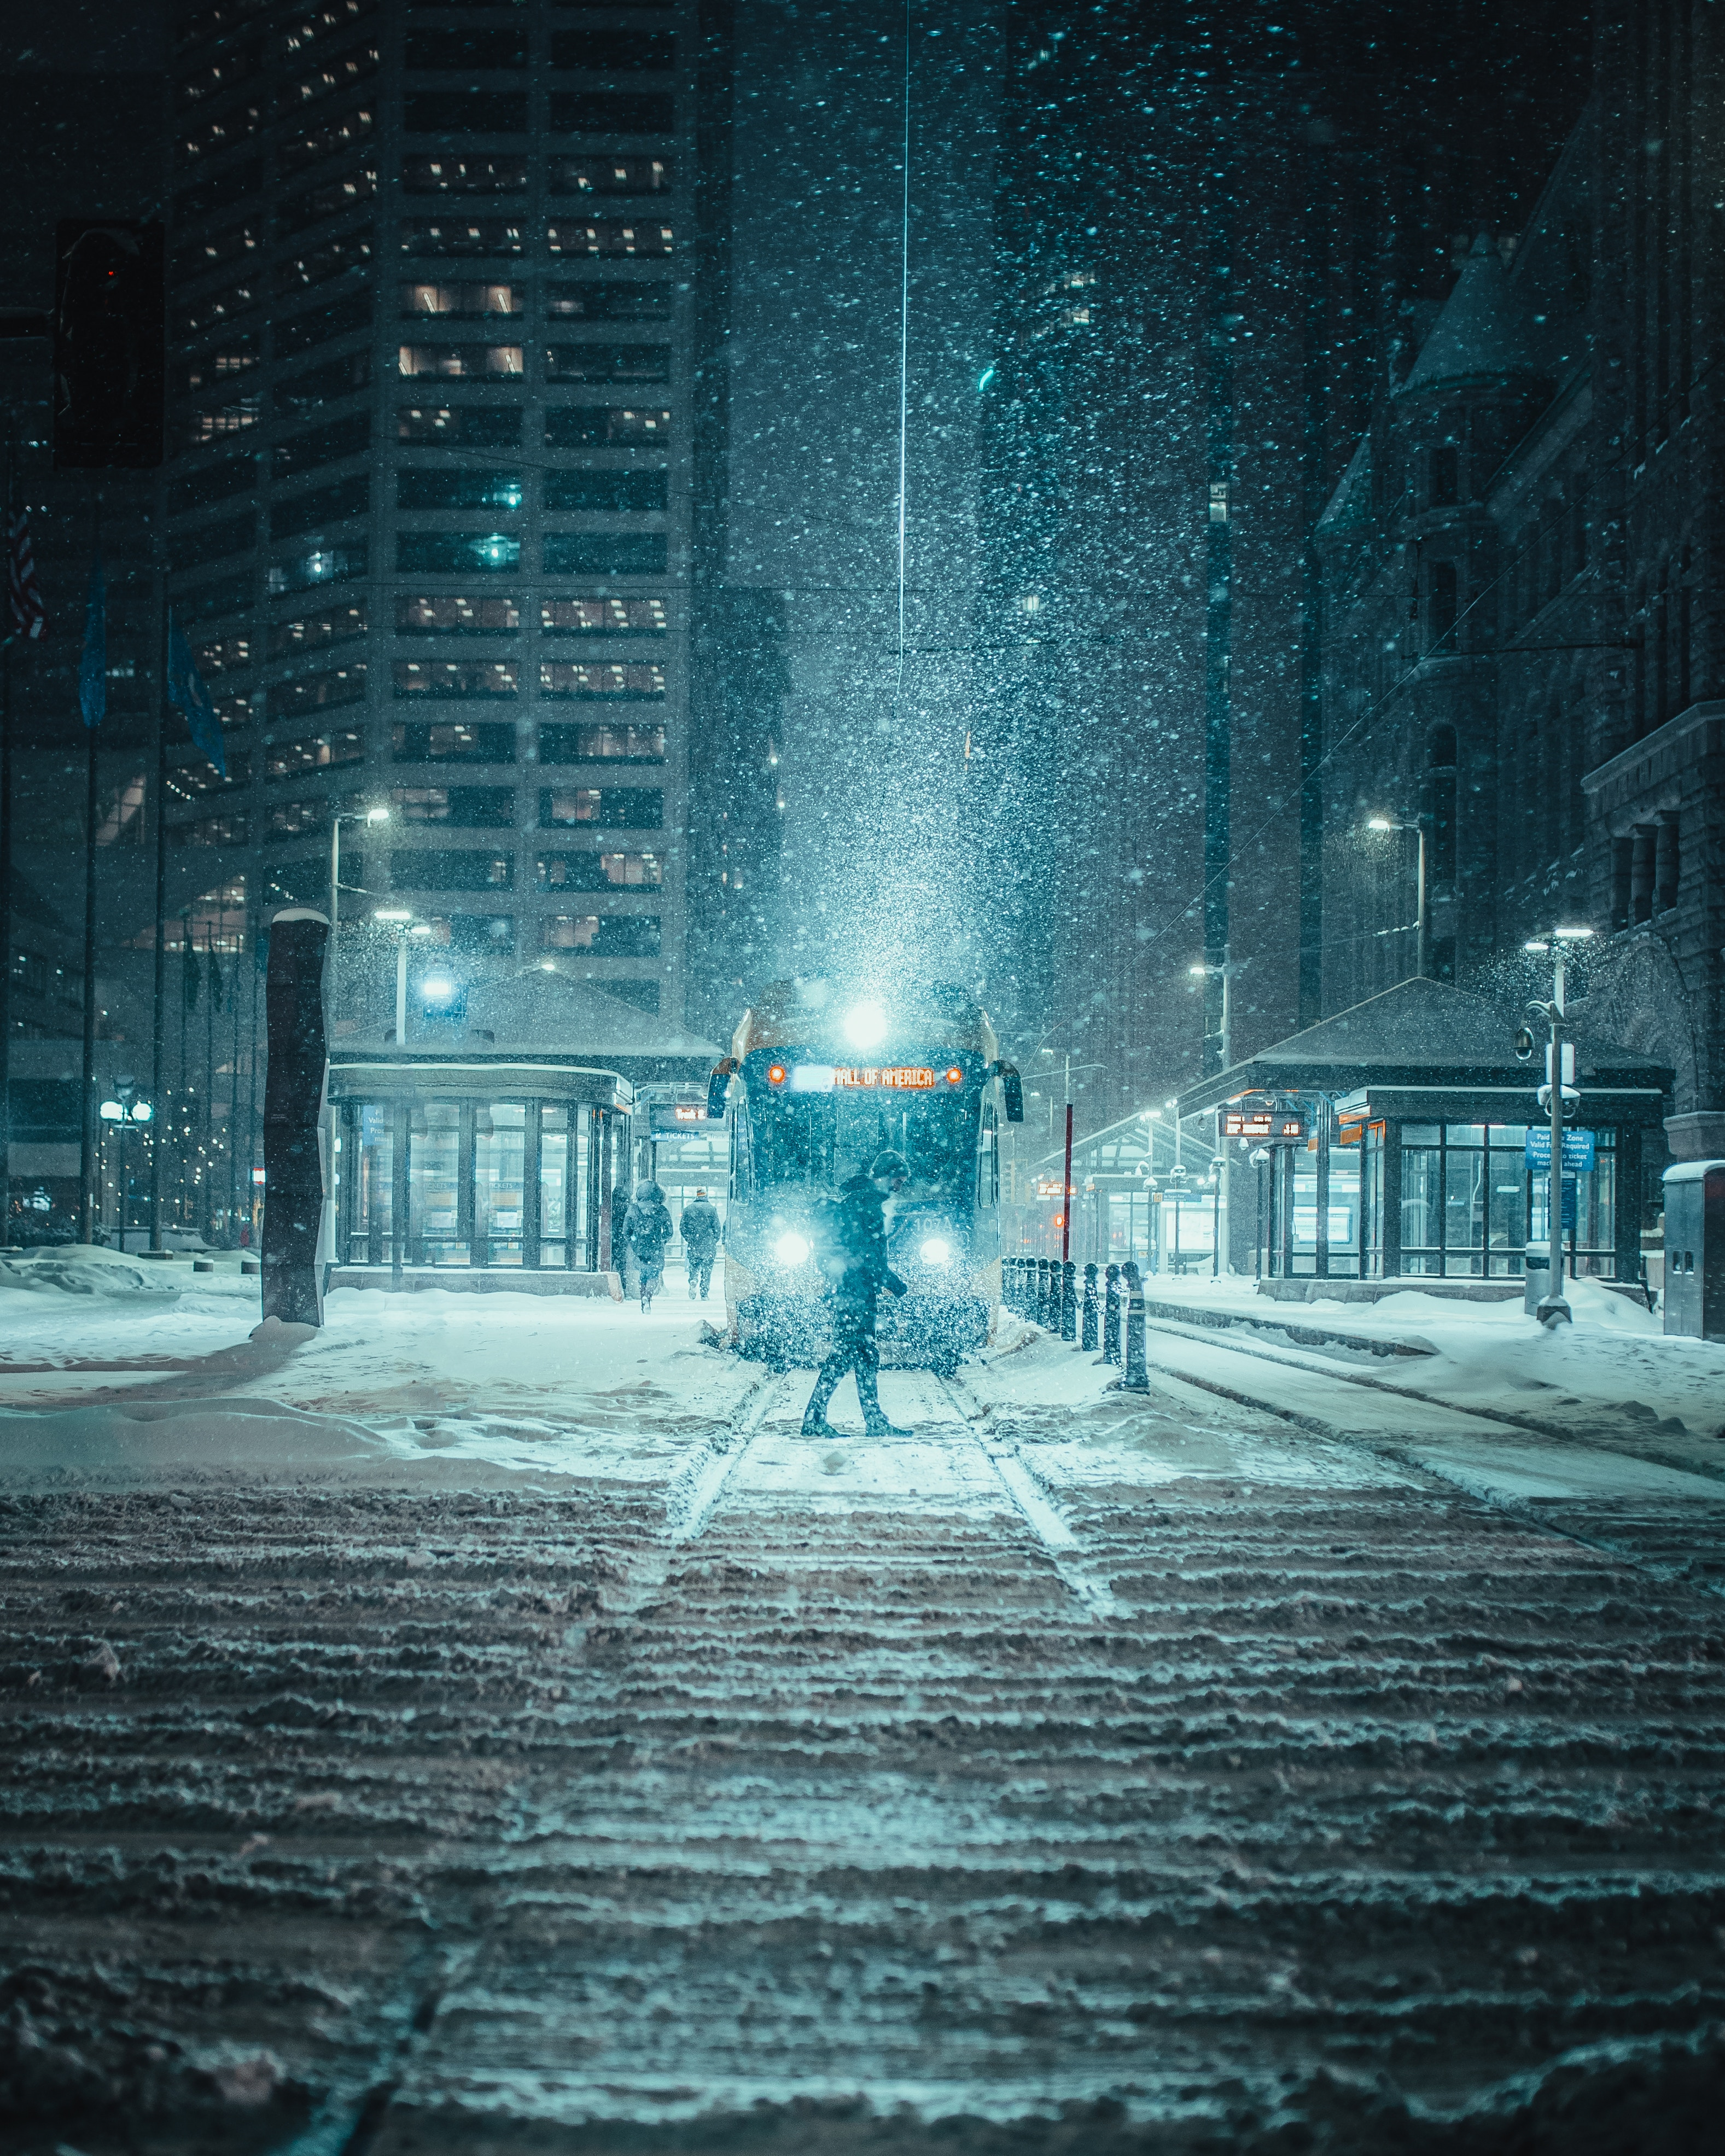 144313 скачать обои Снегопад, Ночь, Город, Транспорт, Зима, Города - заставки и картинки бесплатно